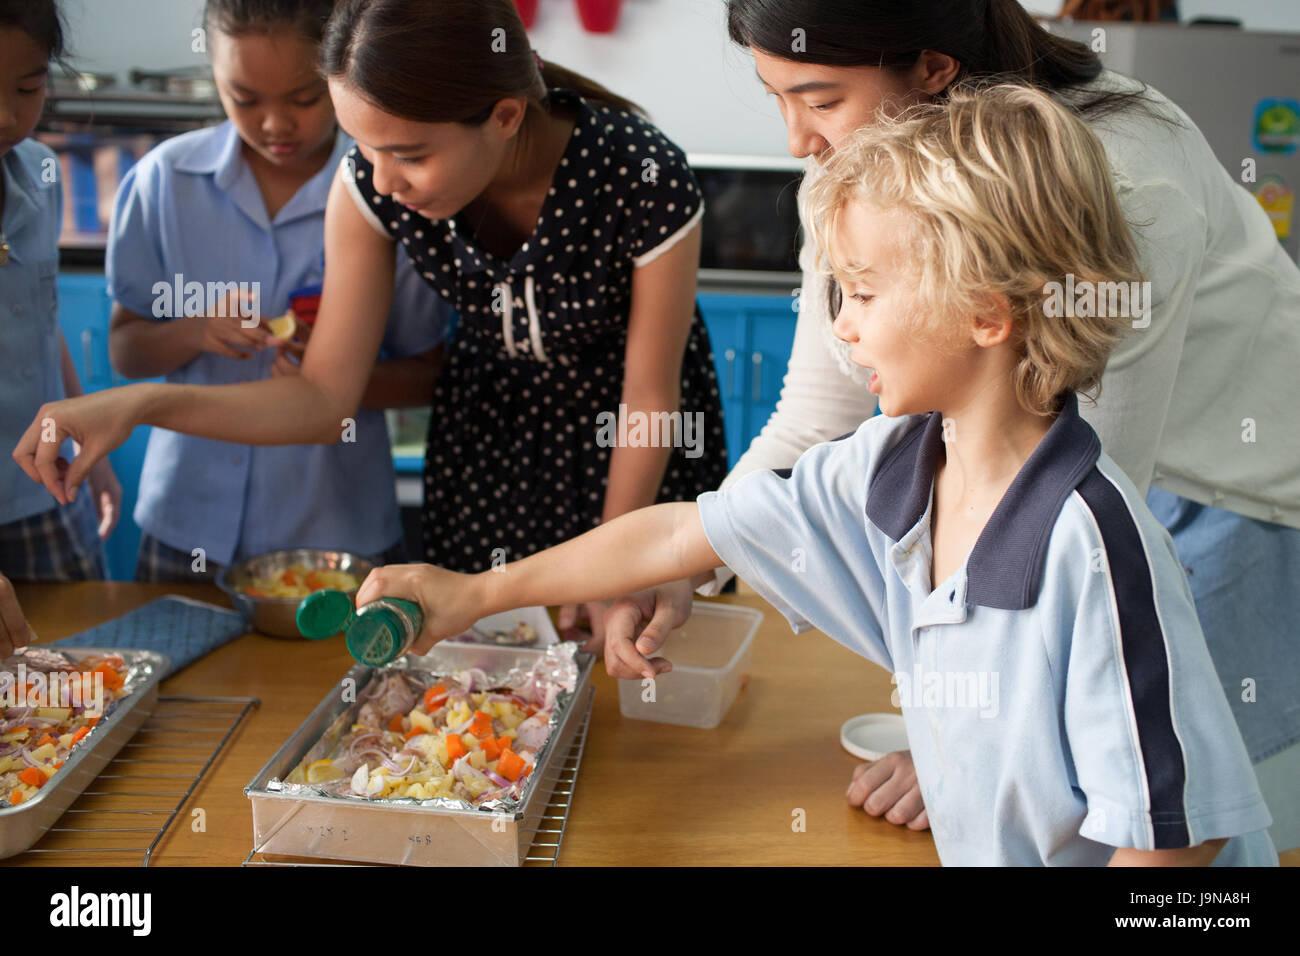 Bangkok, Tailandia - 23 Novembre 2012 : in un college di Bangkok in Thailandia. Giovani studenti prendere un corso Immagini Stock